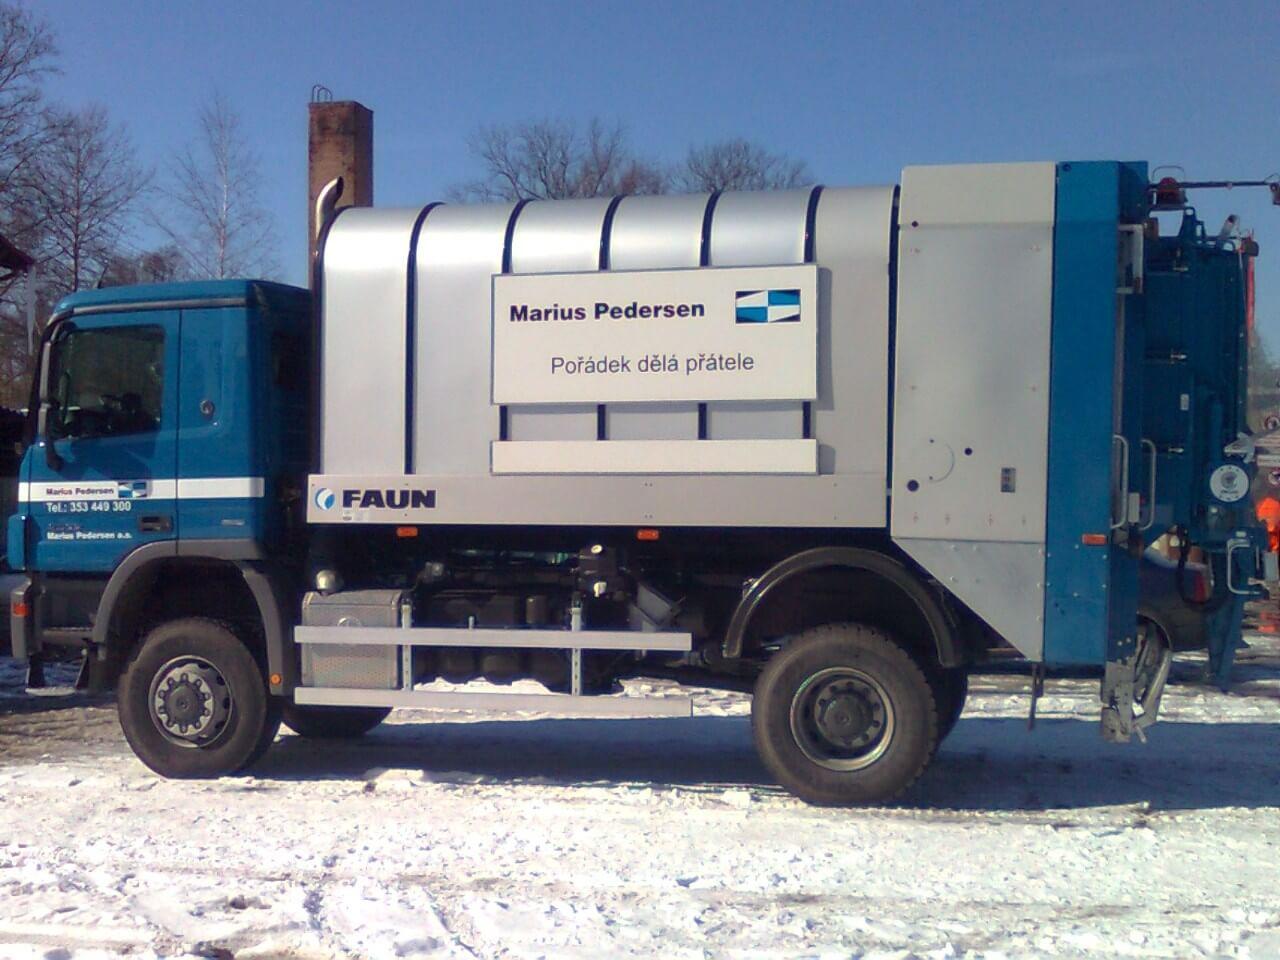 Работа в Чехии водителем грузовика, погрузчика, электриком, слесарем, рабочим